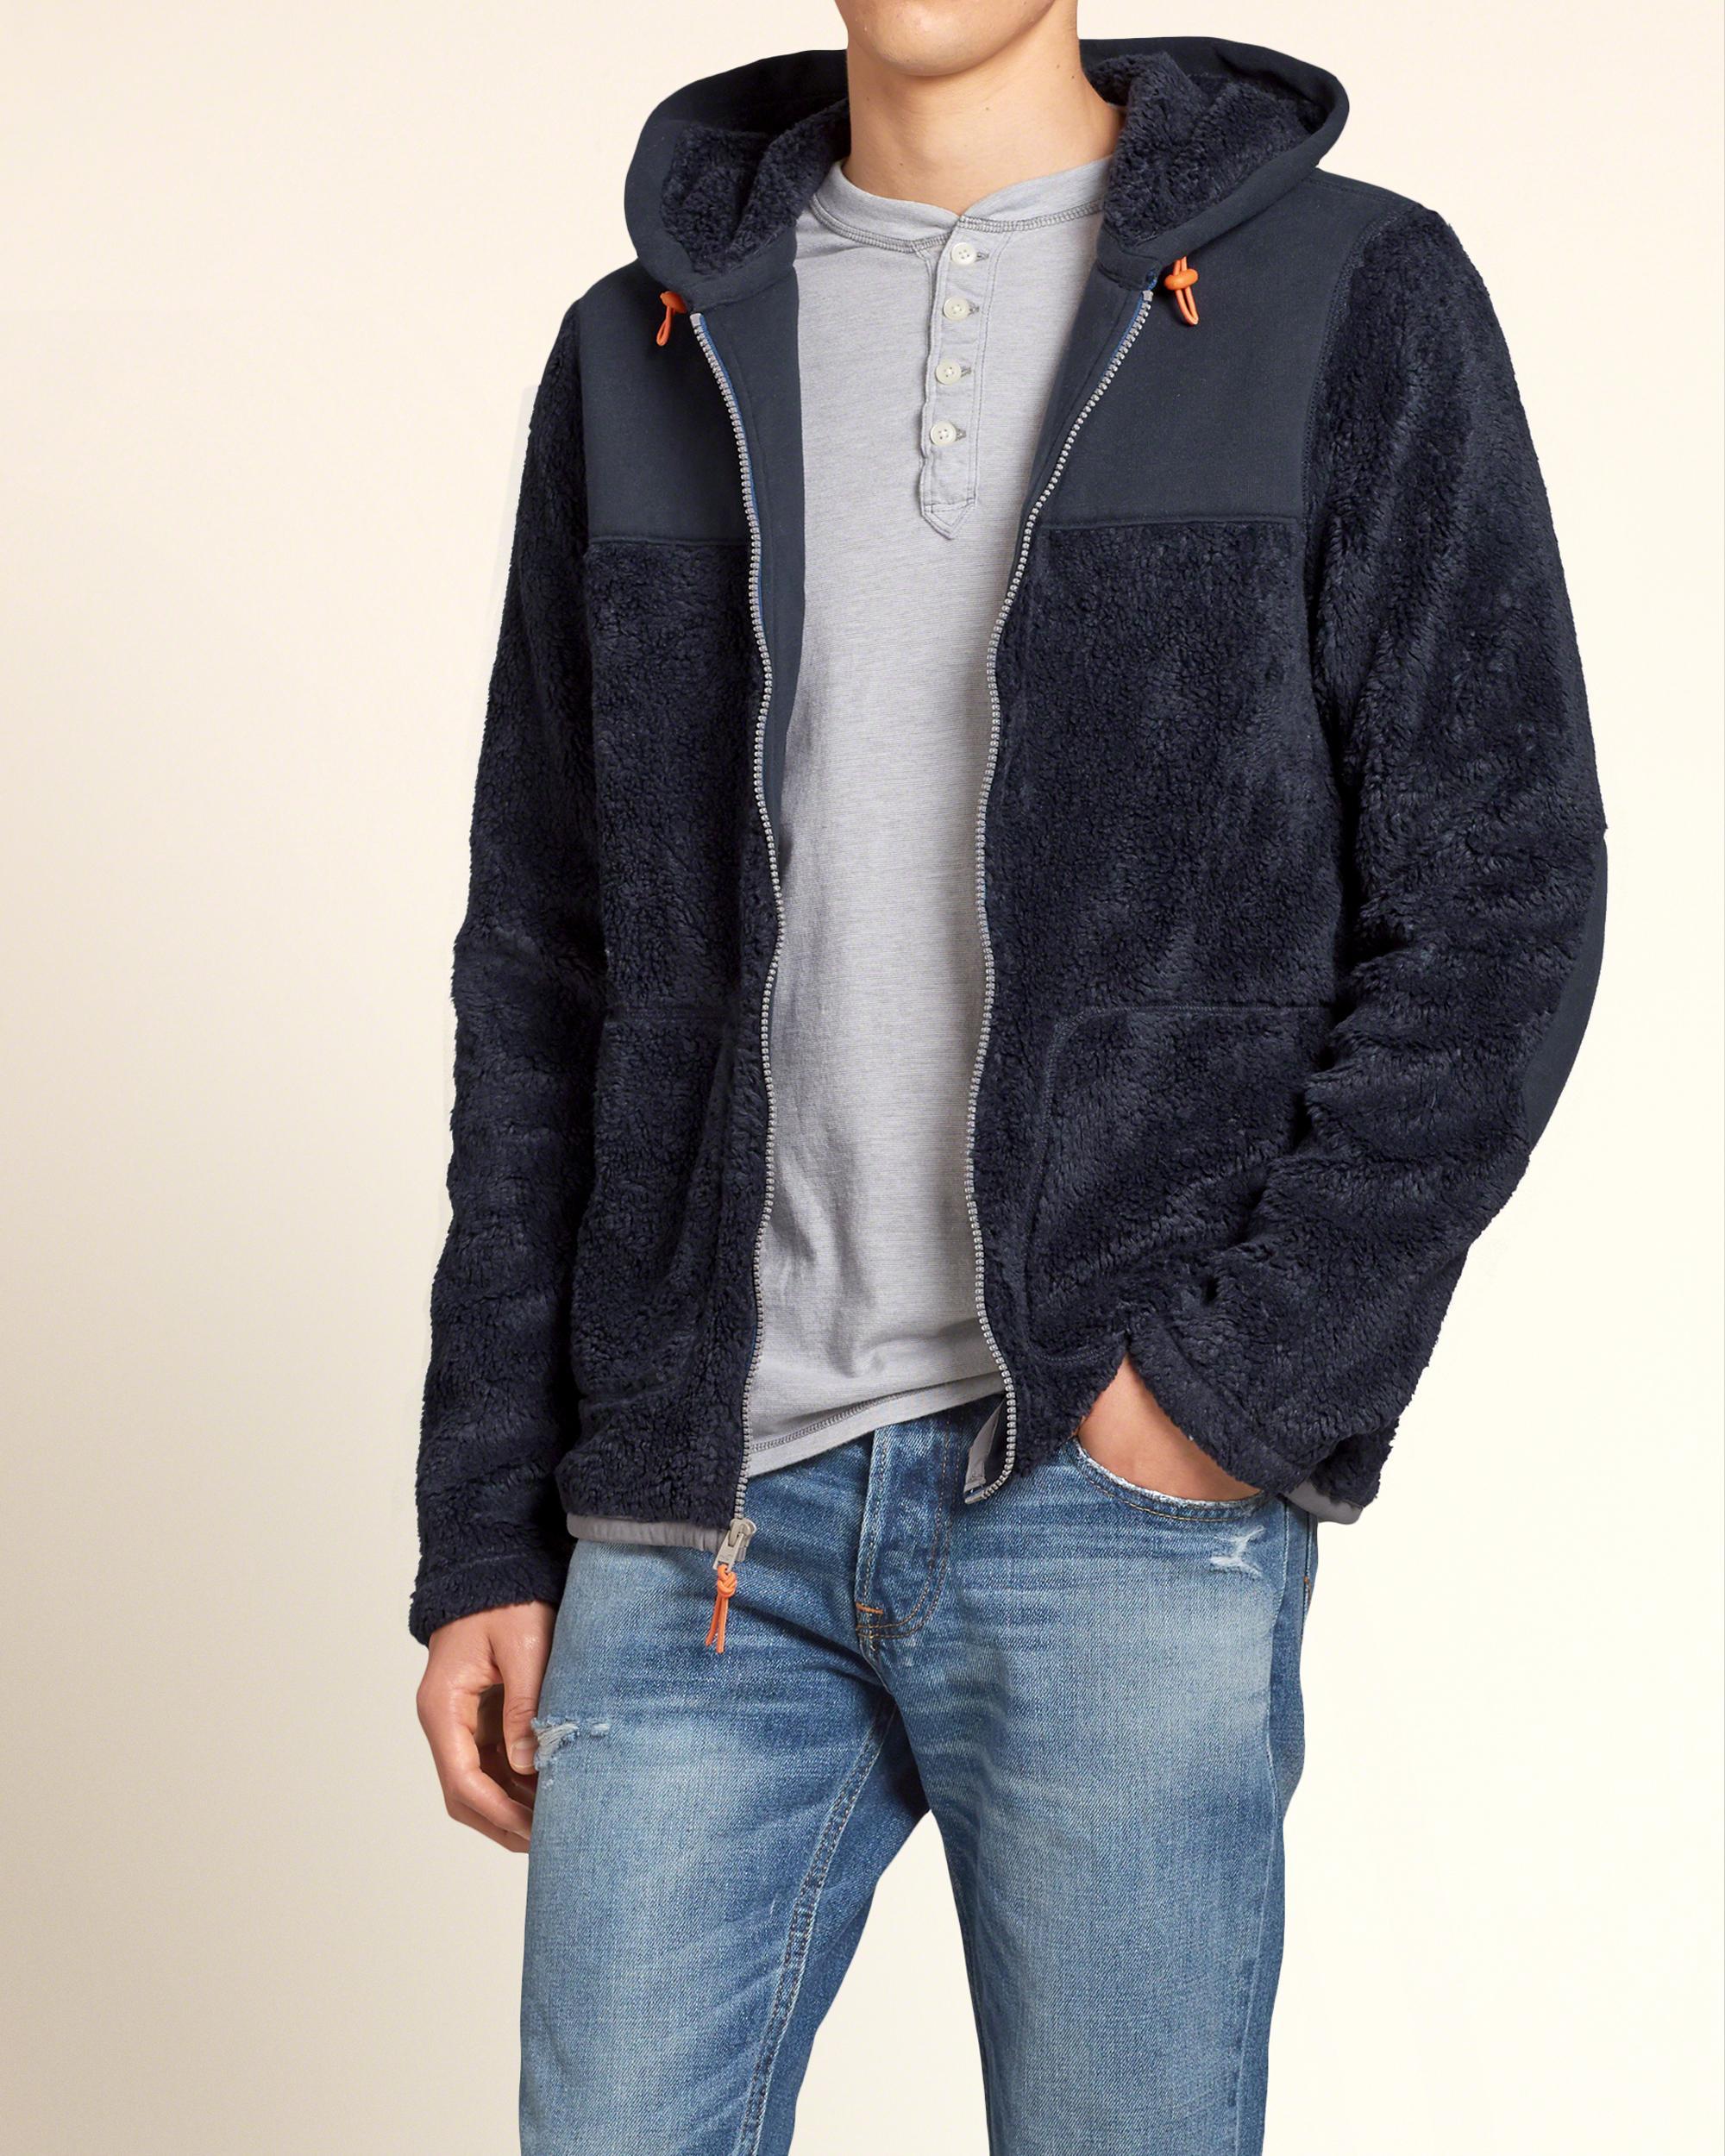 Lyst - Hollister Sherpa Fleece Jacket in Blue for Men